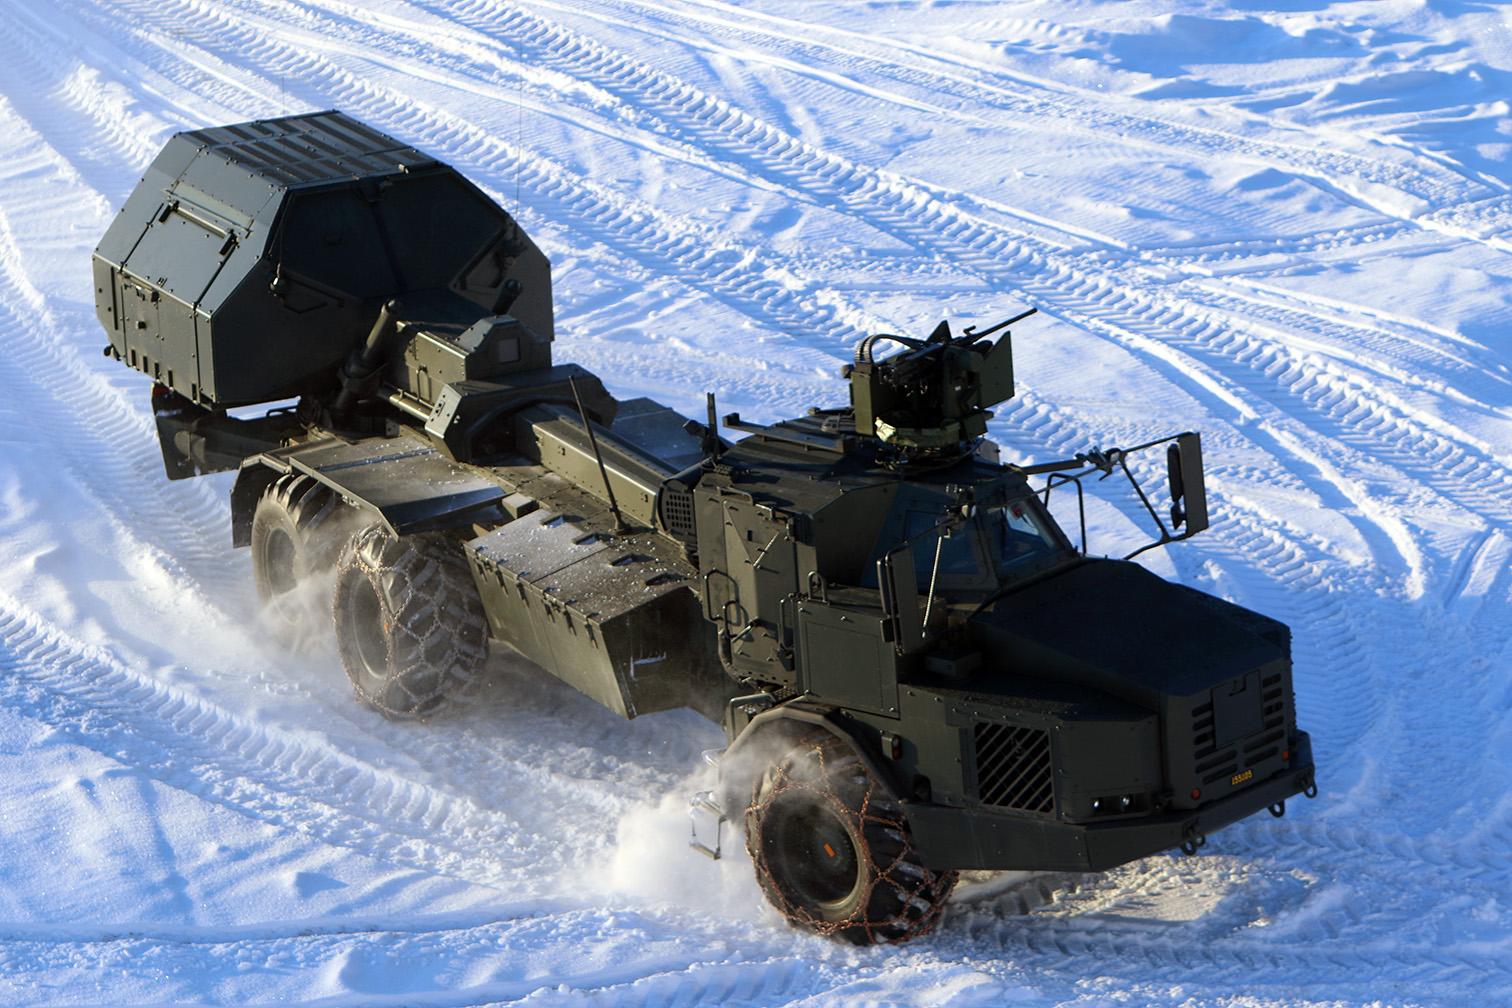 Одна из первых четырех серийных 155-мм/52 самоходных гаубиц BAE Systems Bofors Archer, введенных в боевой состав 9-го артиллерийского полка шведской армии. Боден, 01.02.2016.